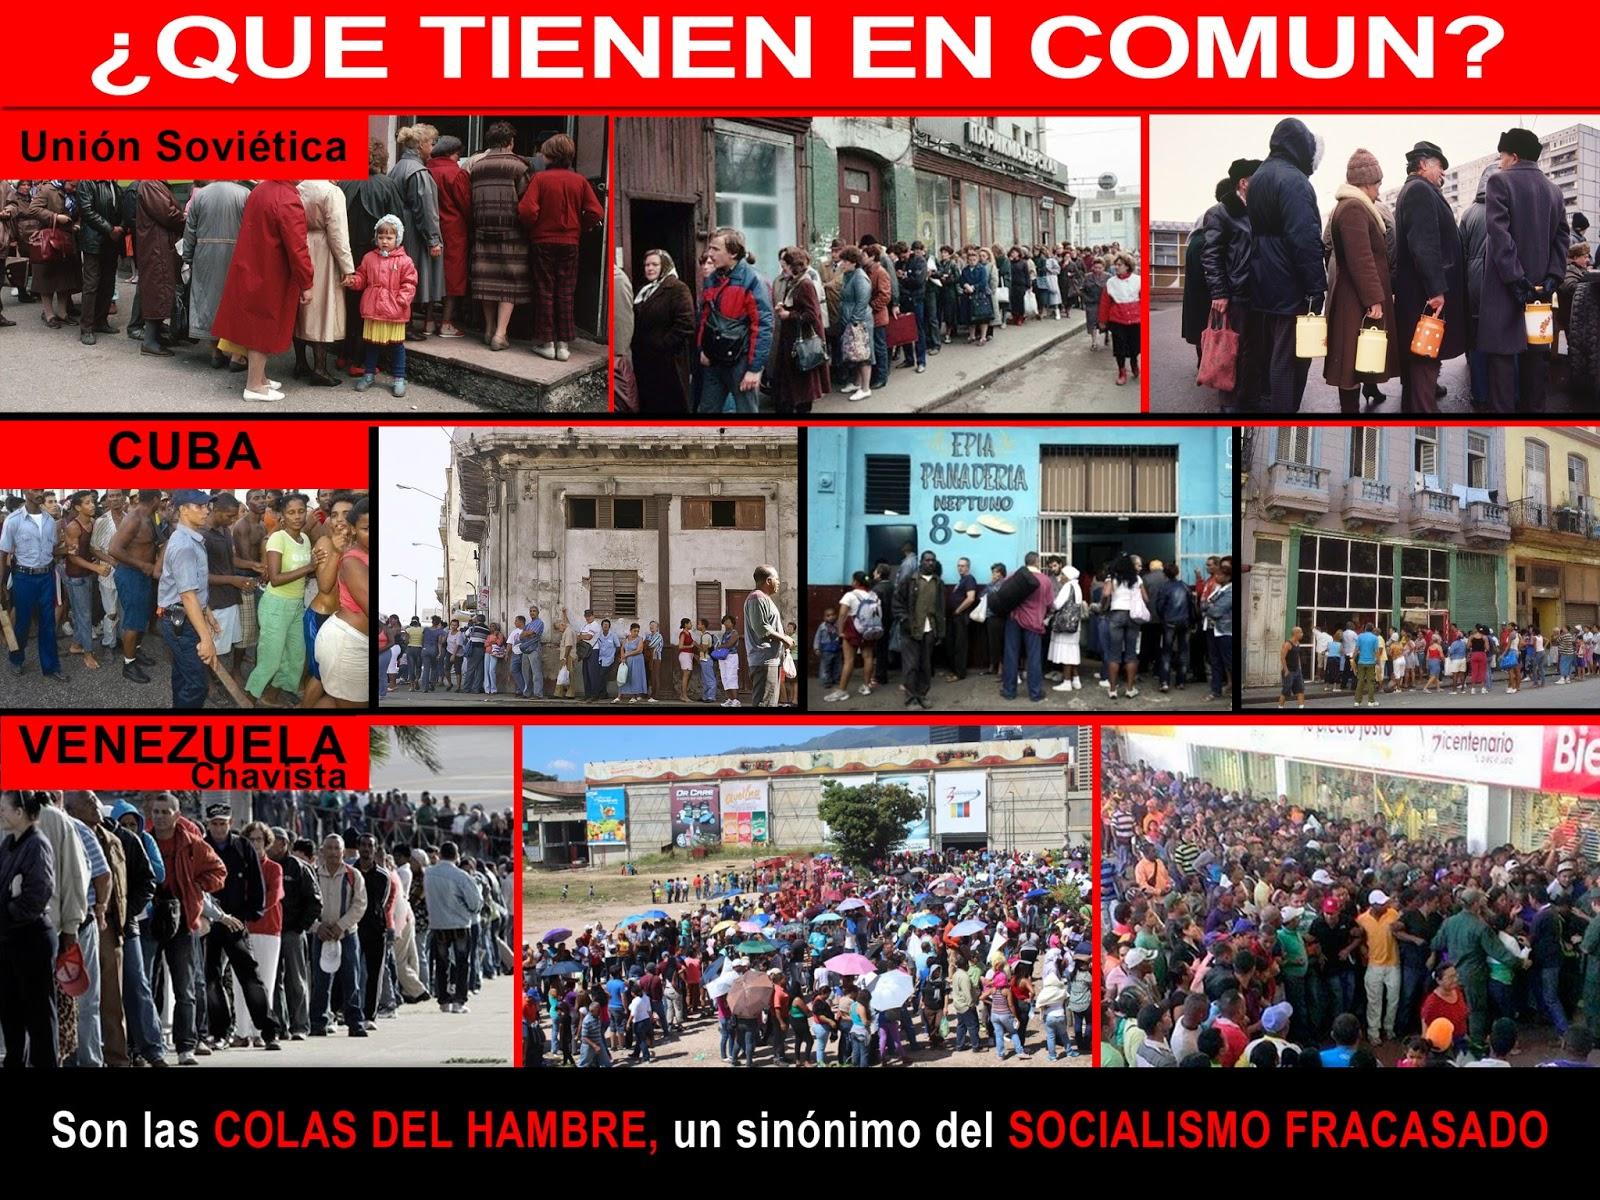 Resultado de imagen para VENEZUELA SOCIALISMO